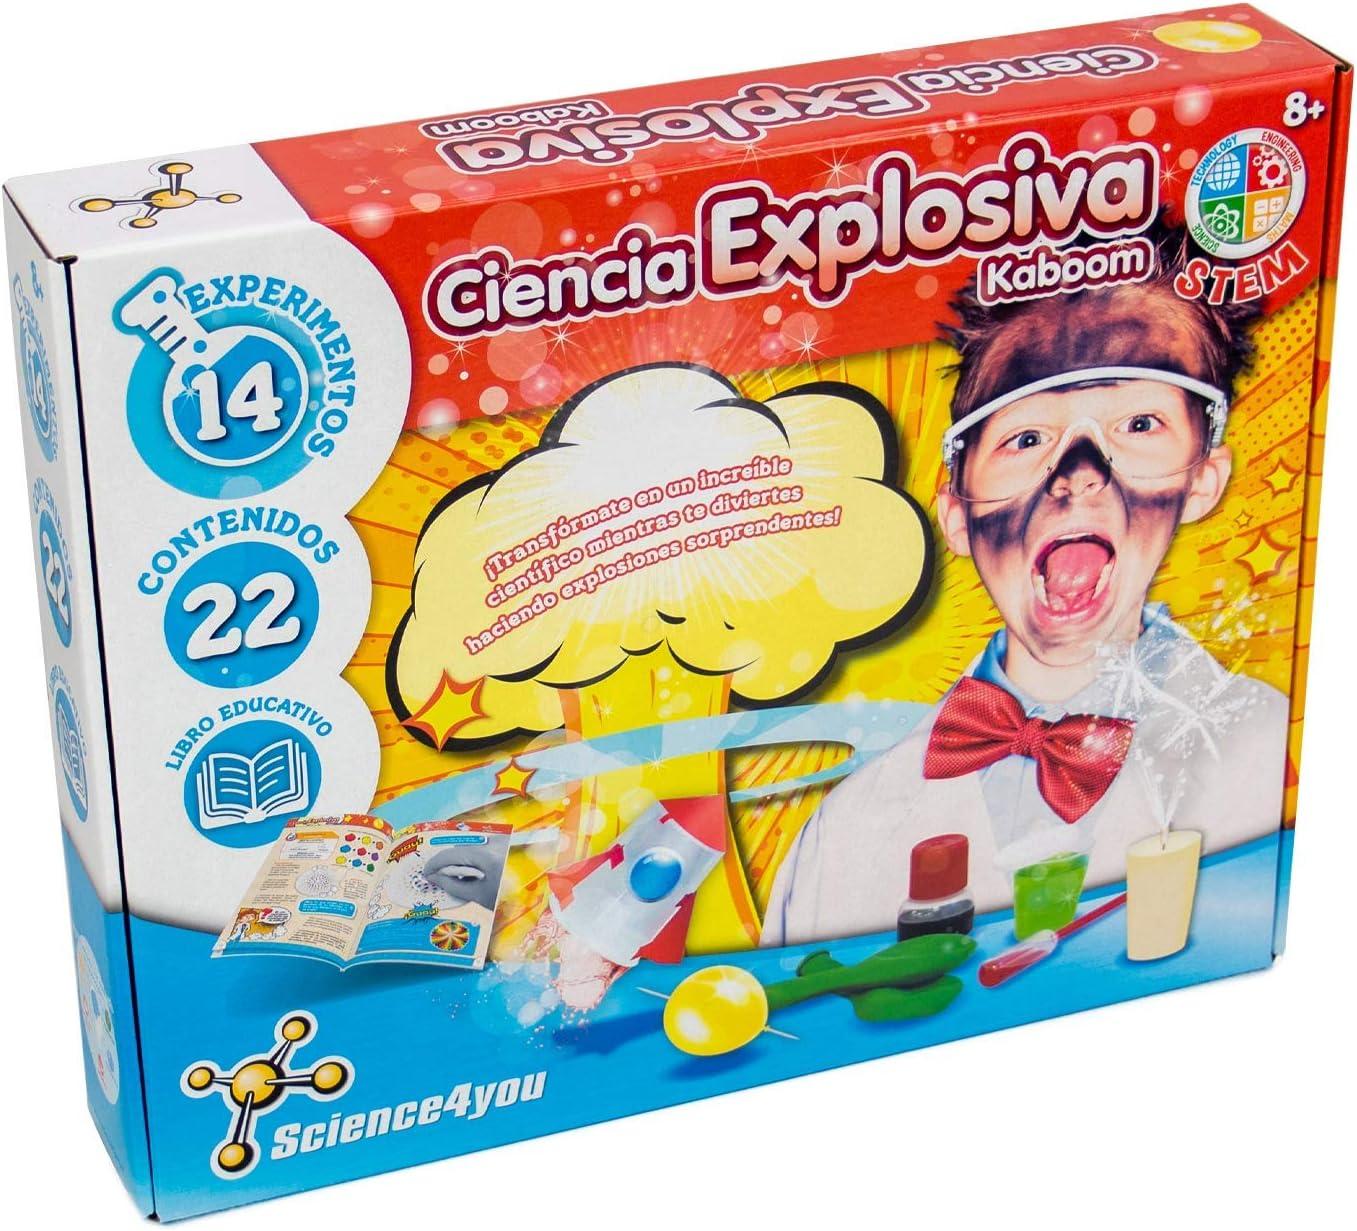 Science4you-5600983608658 Ciencia Explosiva Kaboom para Niños +8 Años, Multicolor (1)